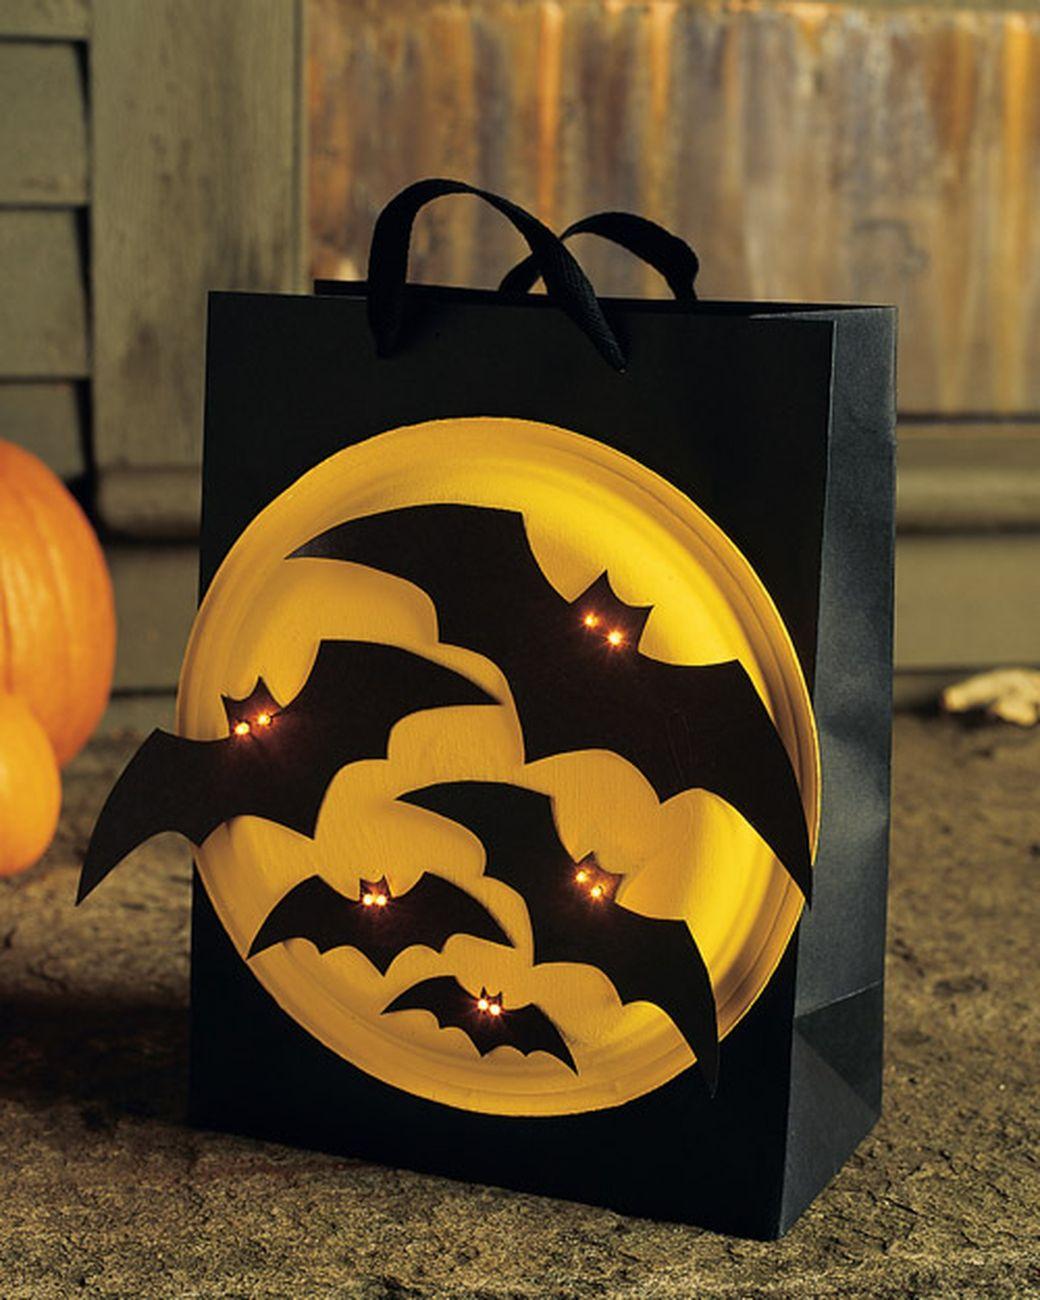 bat bag martha stewart living light up your little ones night halloween decorationshalloween - Martha Stewart Halloween Decor